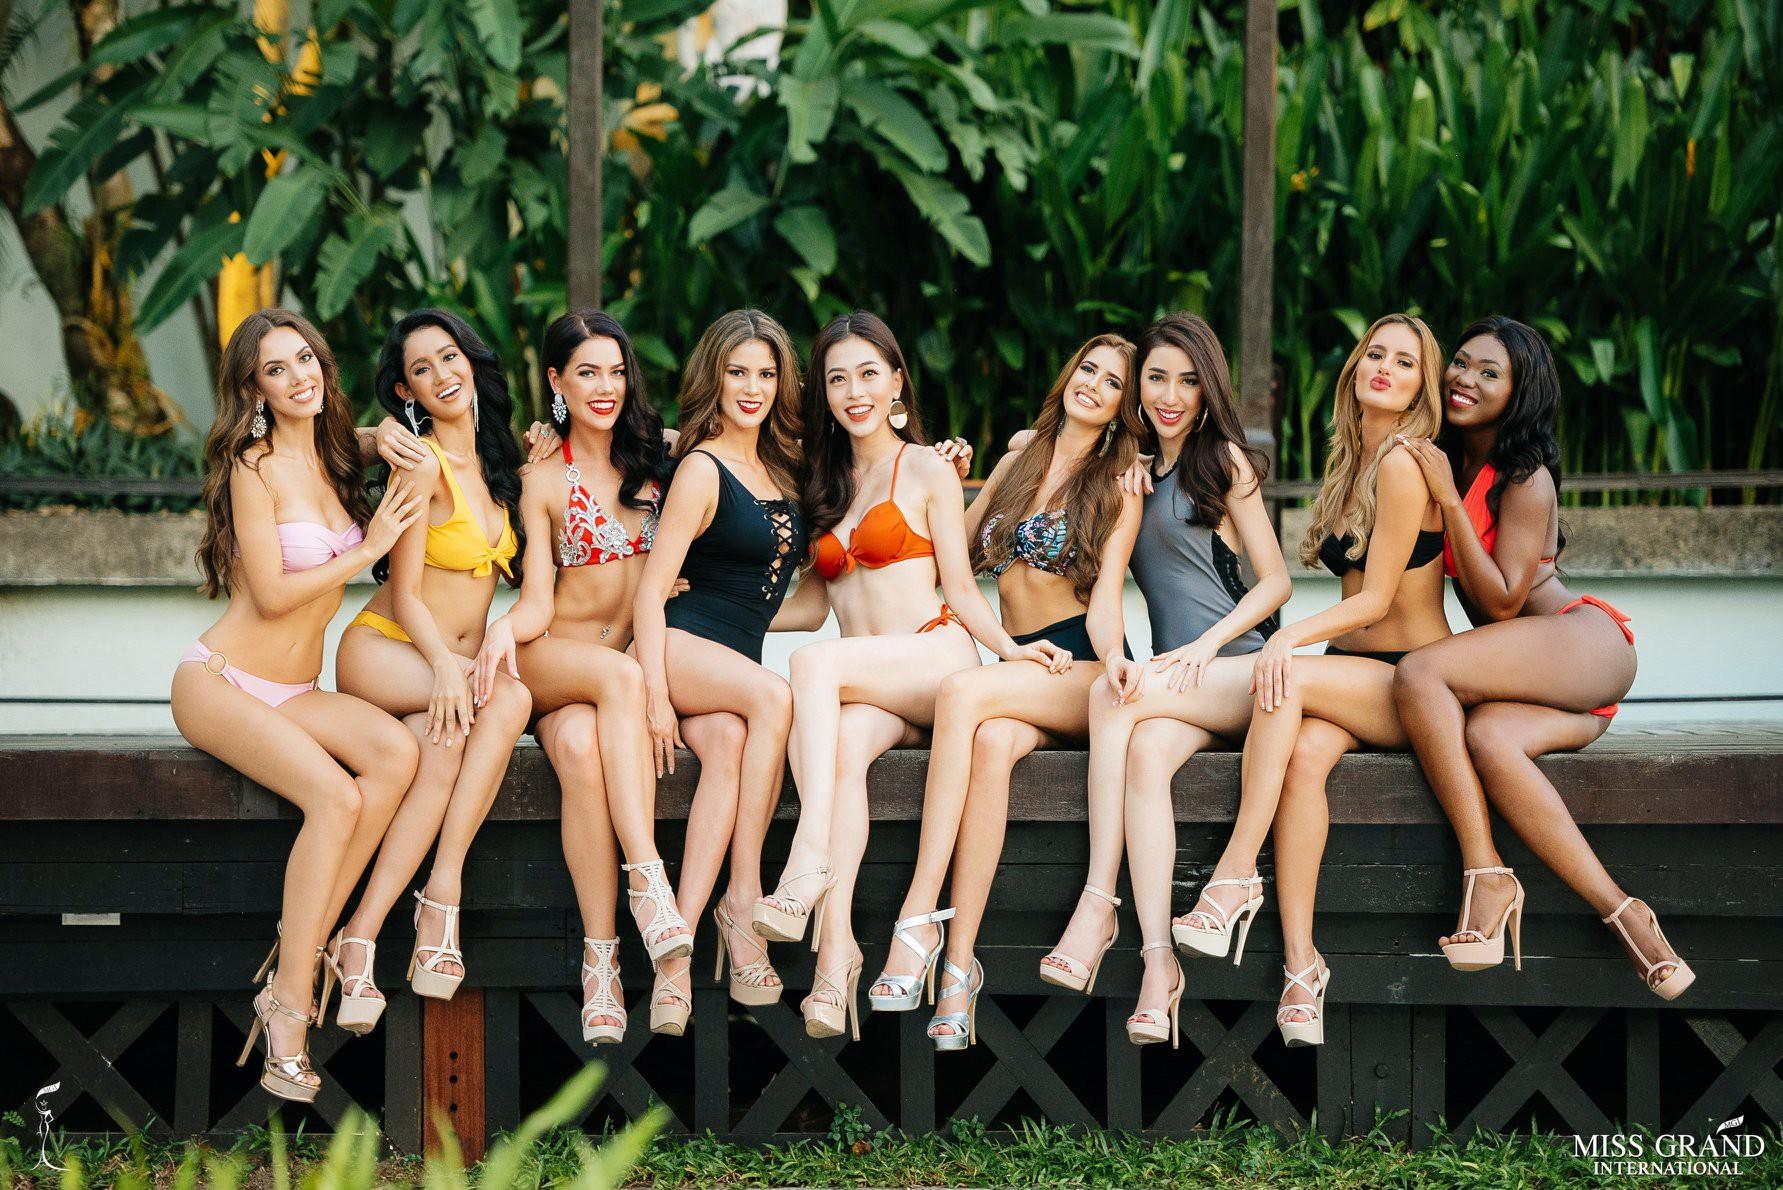 Phương Nga khoe body nóng bỏng, ngồi vị trí trung tâm trong bộ ảnh bikini tại Miss Grand International 2018 - Ảnh 2.